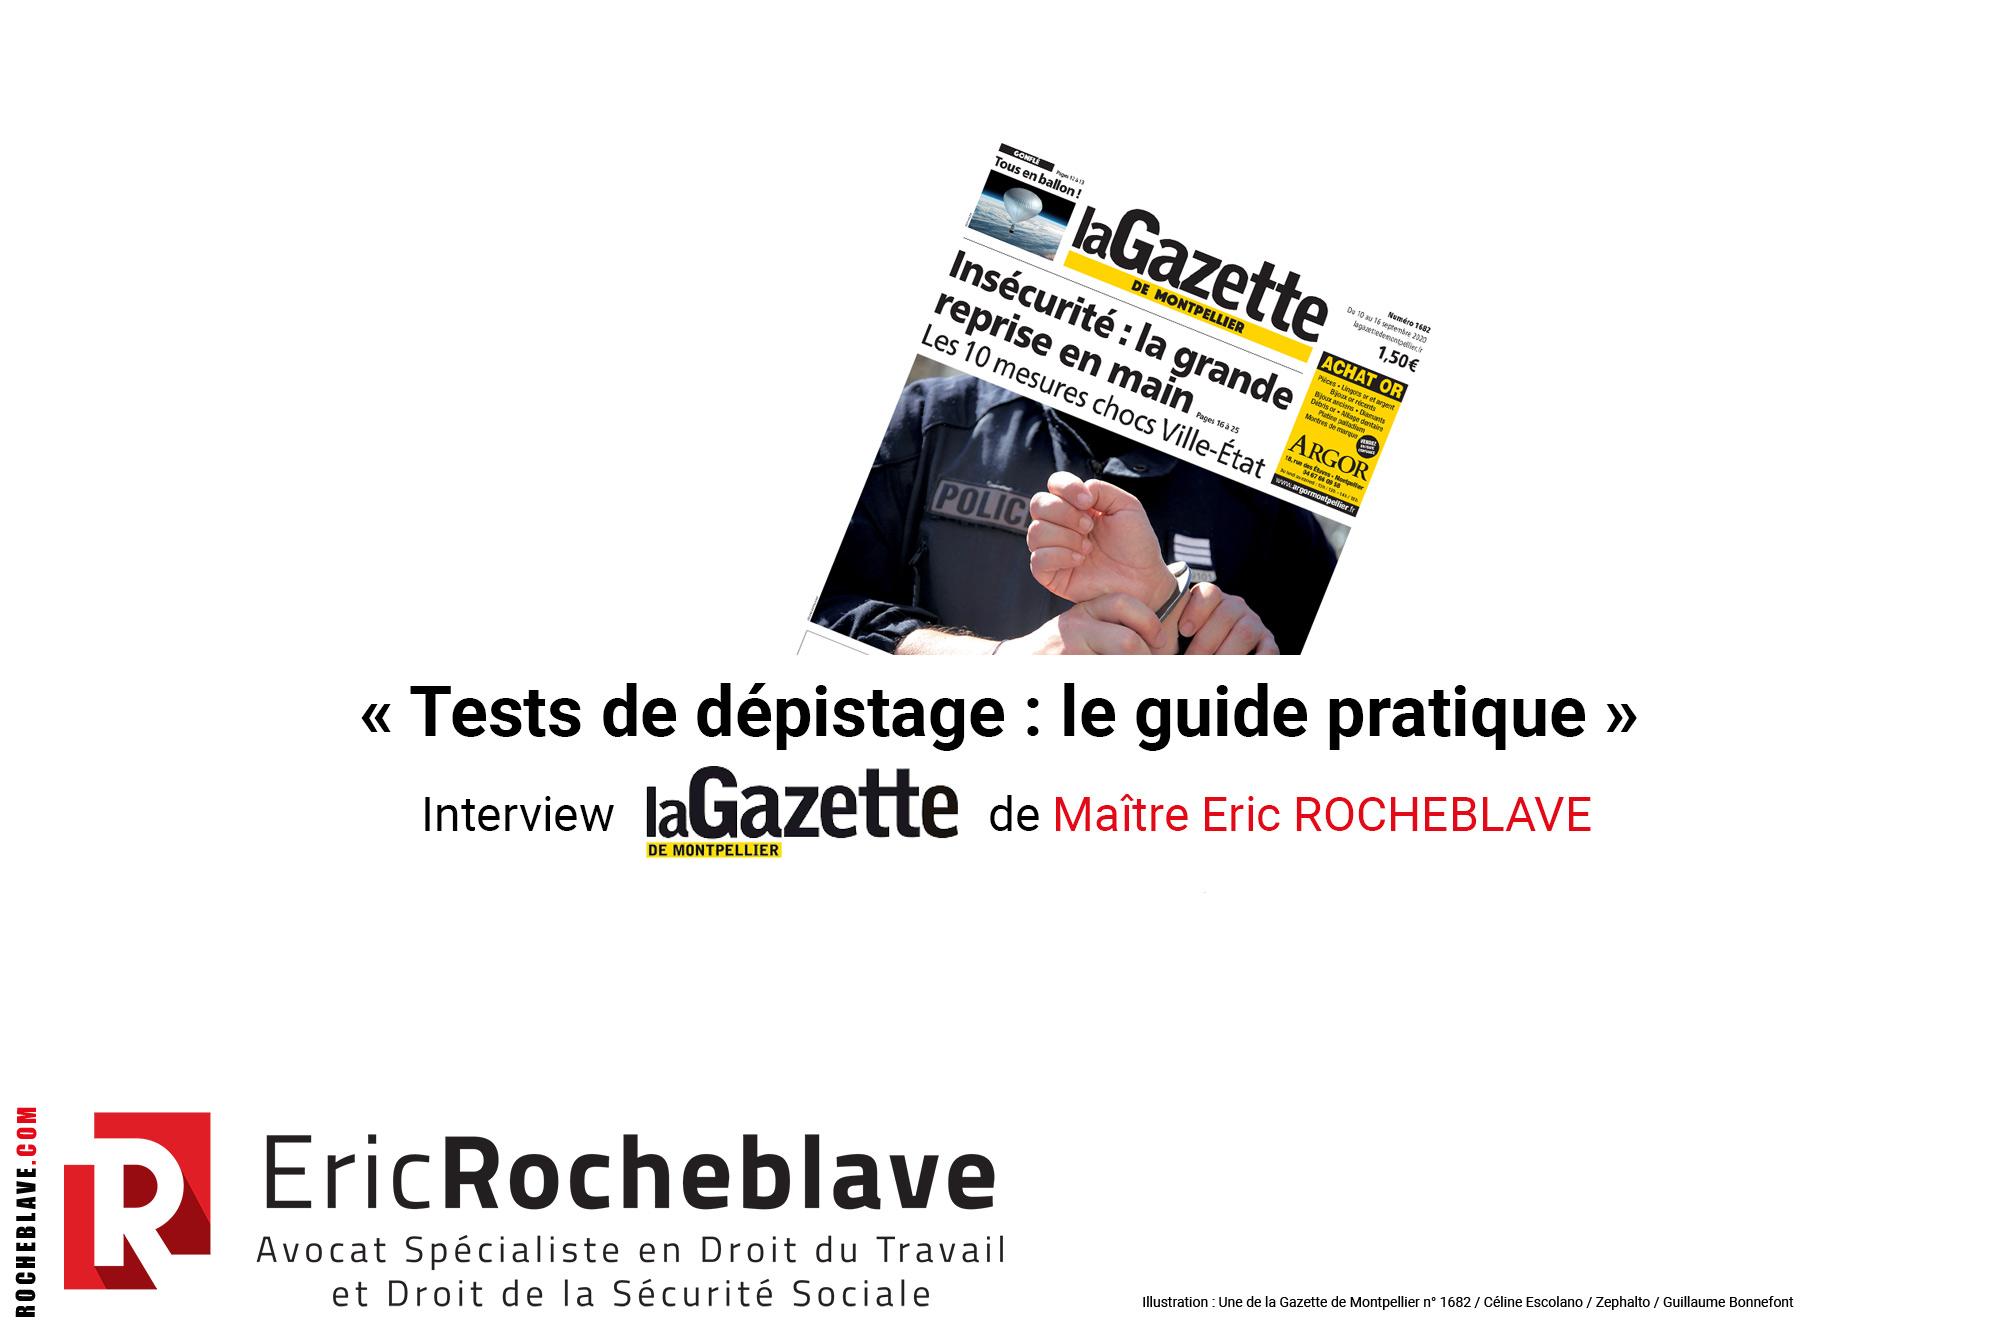 « Tests de dépistage : le guide pratique » Interview la Gazette de Montpellier de Maître Eric ROCHEBLAVE